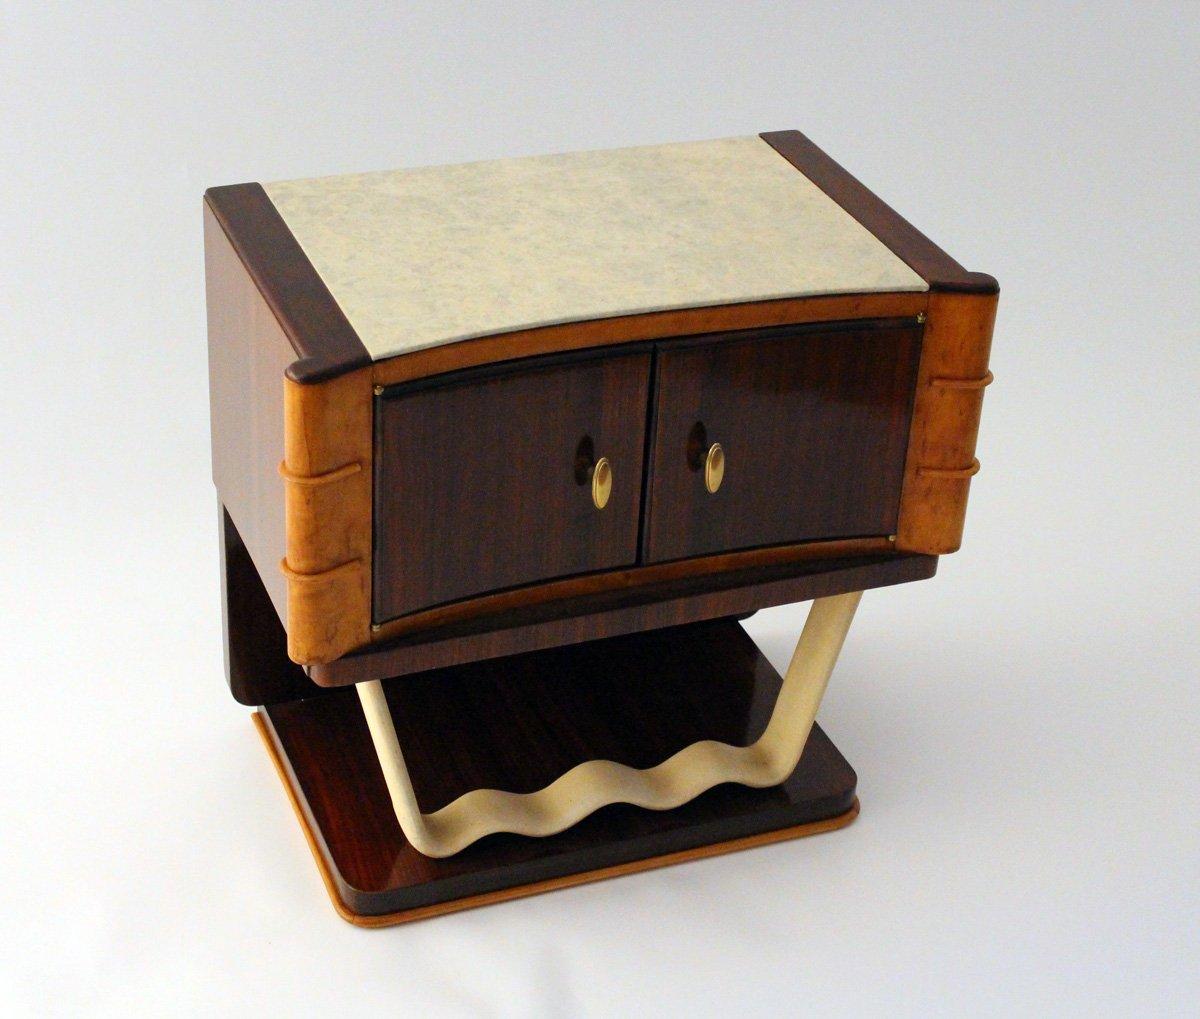 Vintage nachttische von oswaldo borsani f r mobili trieste for Vintage nachttische